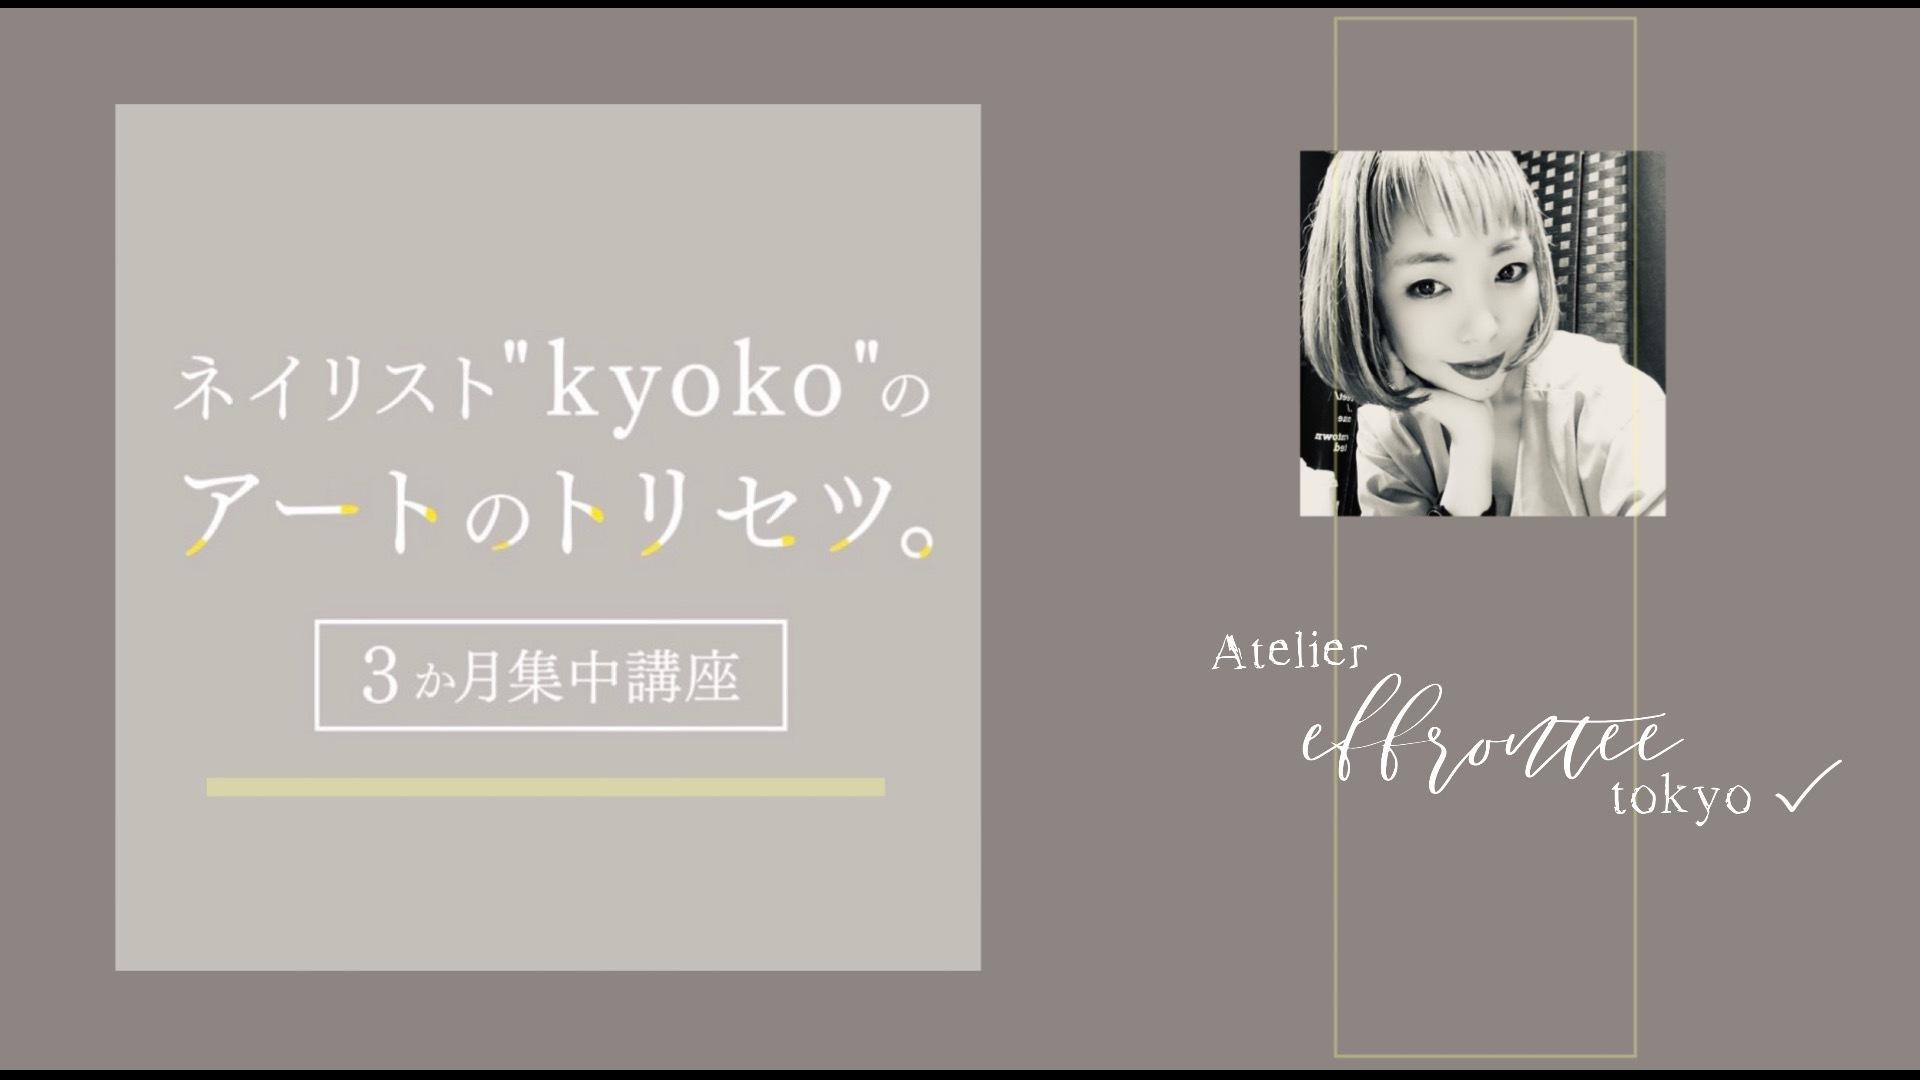 【第3期】ネイリストkyokoのアートのトリセツ。3か月集中講座。